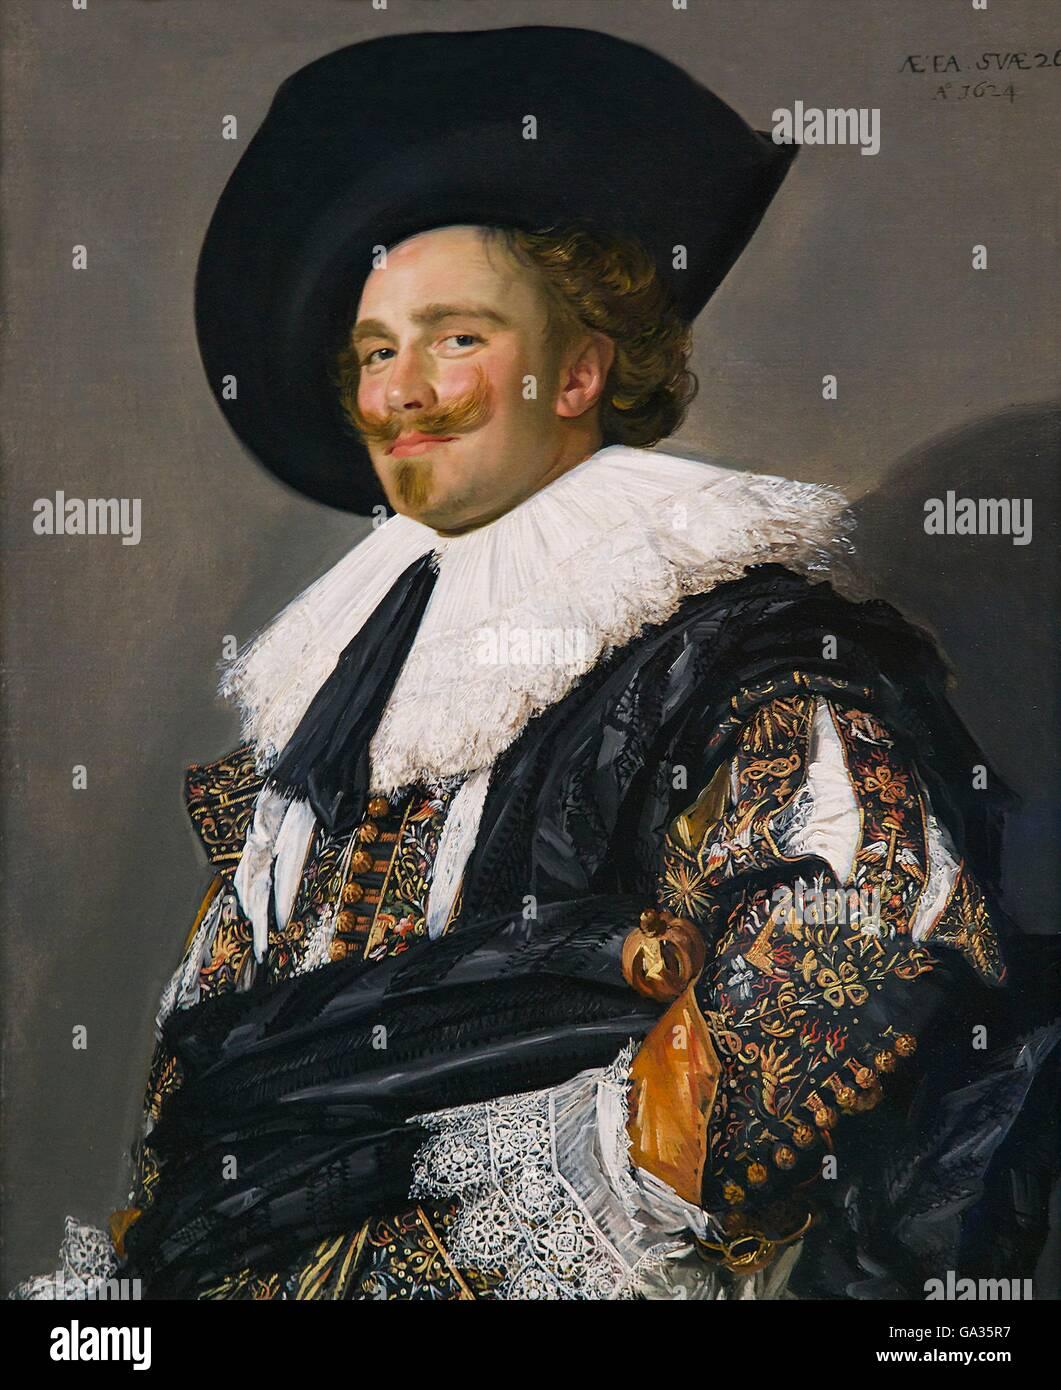 Ridendo Cavalier da Franz Hals, 1624, Wallace Collection di Londra, Inghilterra, Regno Unito, GB, Europa Immagini Stock